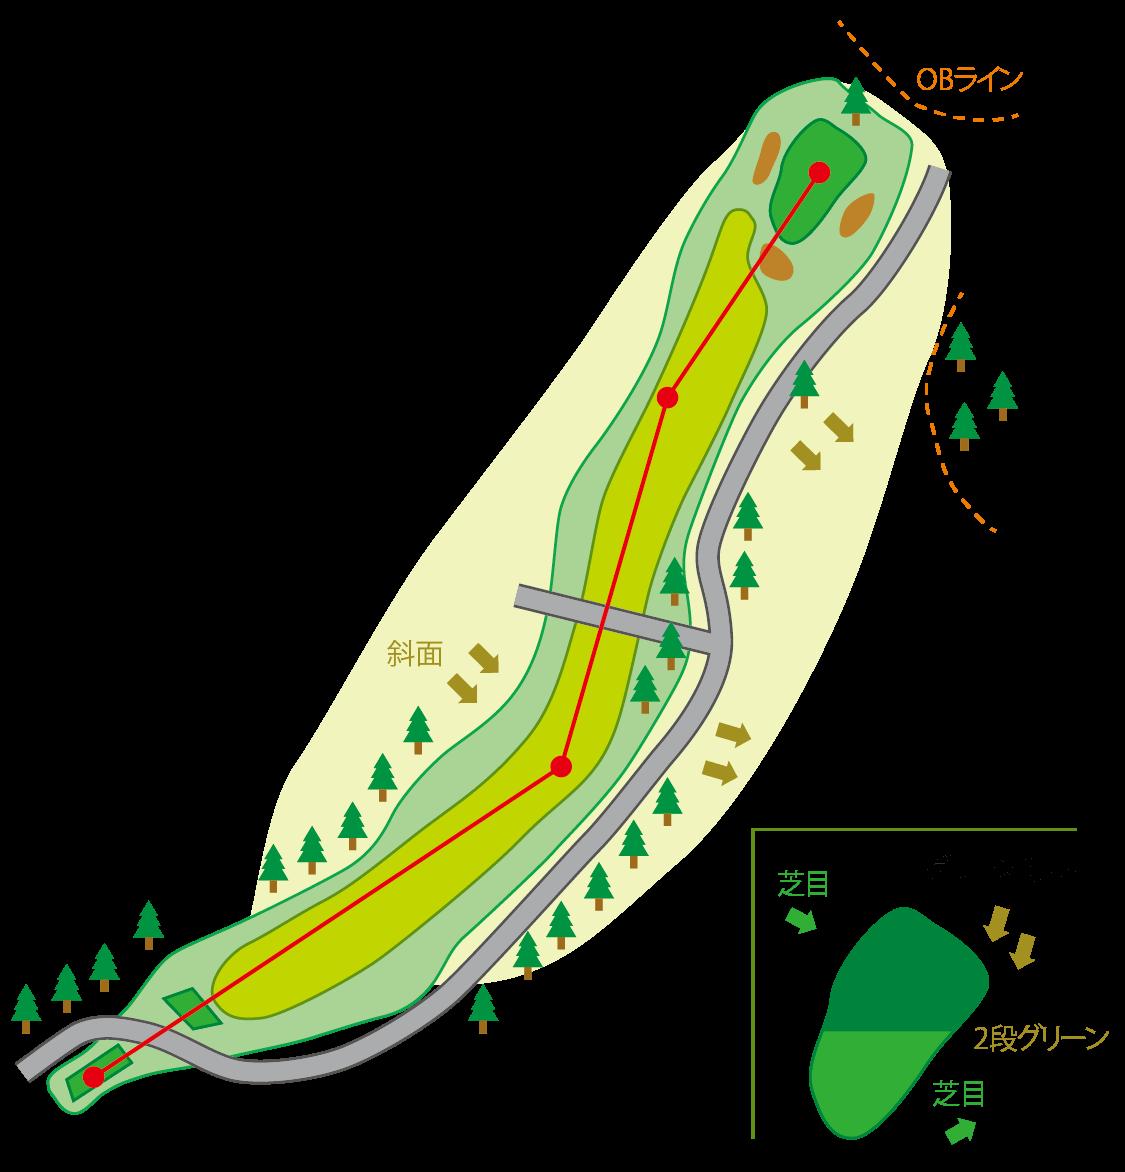 五頭コース HOLE8のコースマップ